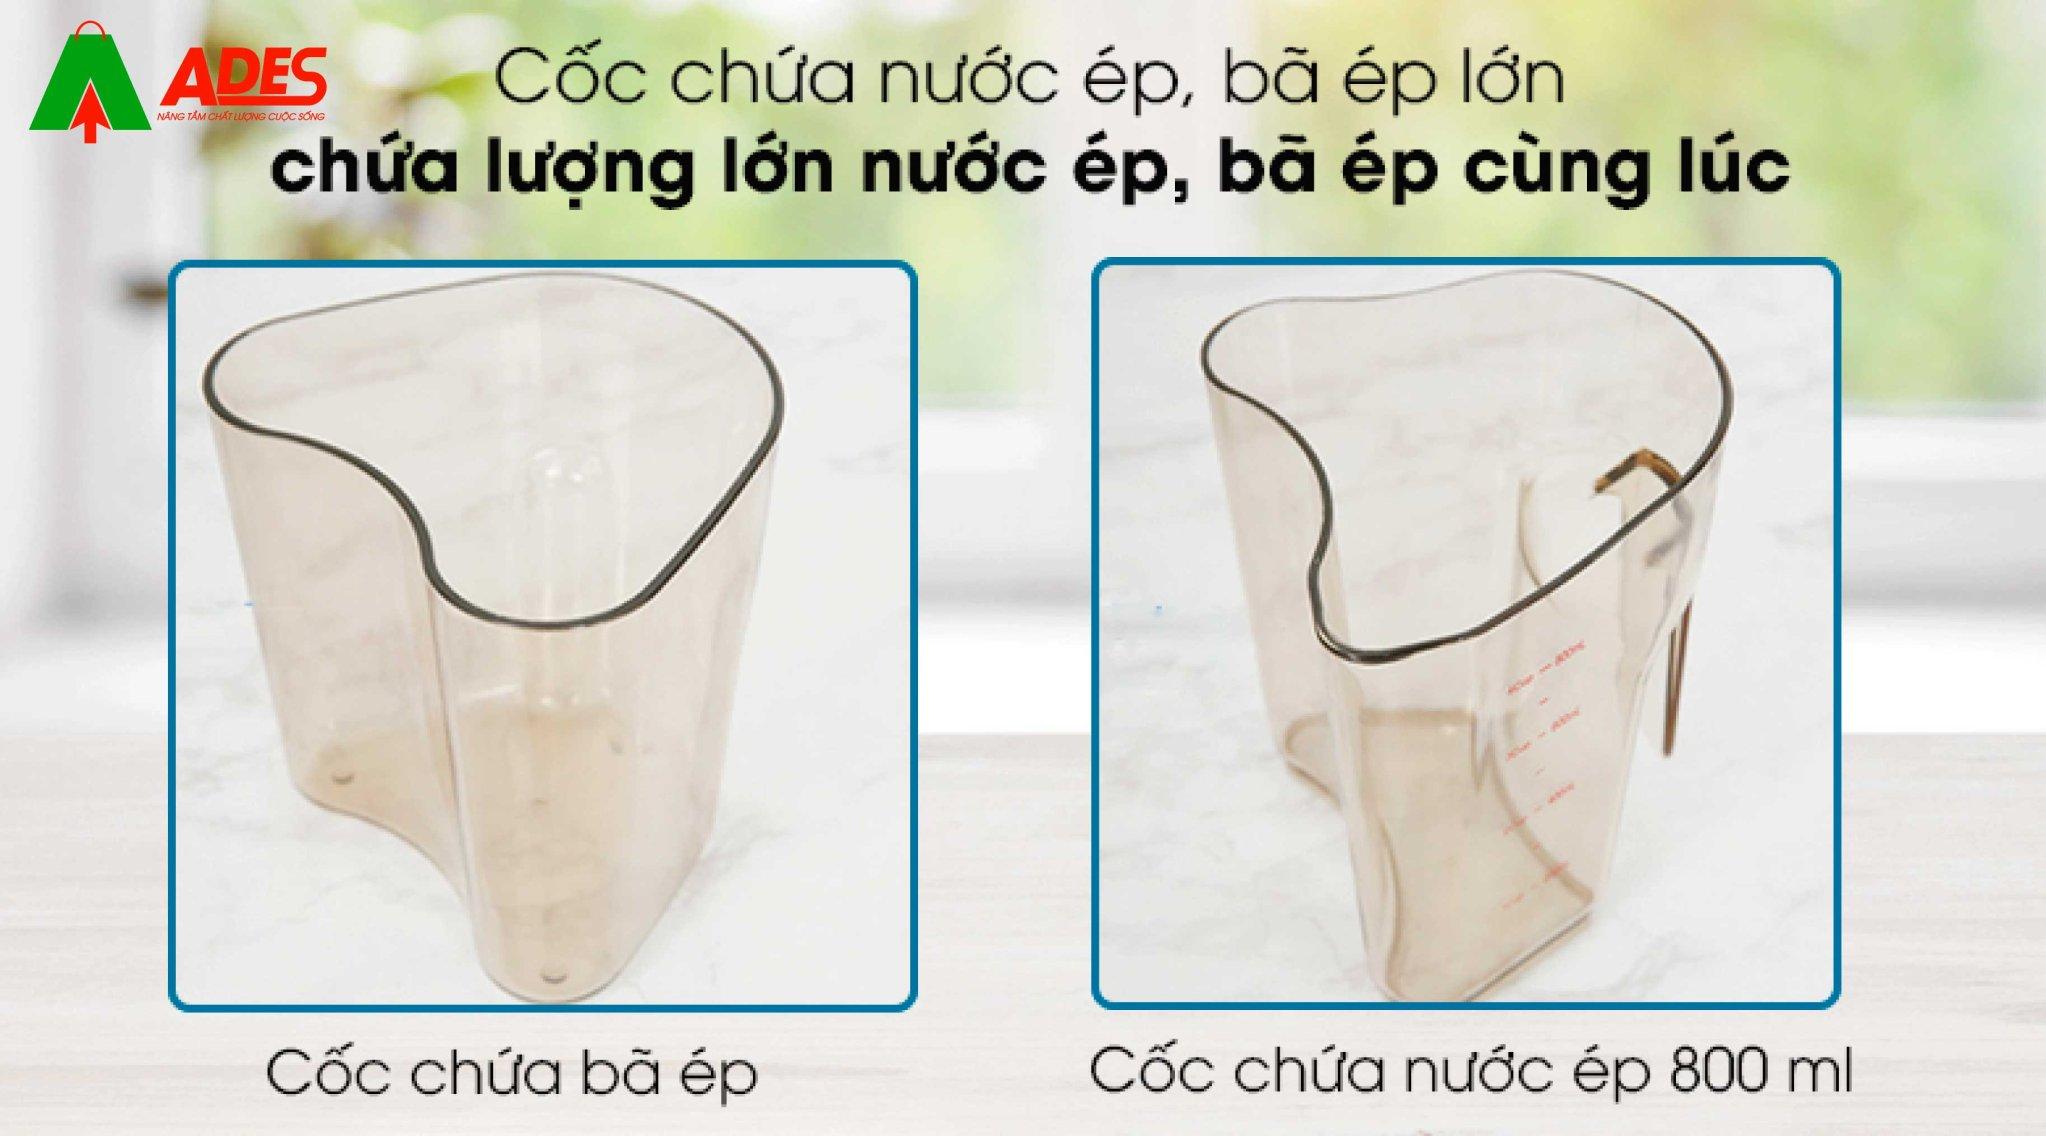 coc chua nuoc ep ba lon may ep kalite kl 599